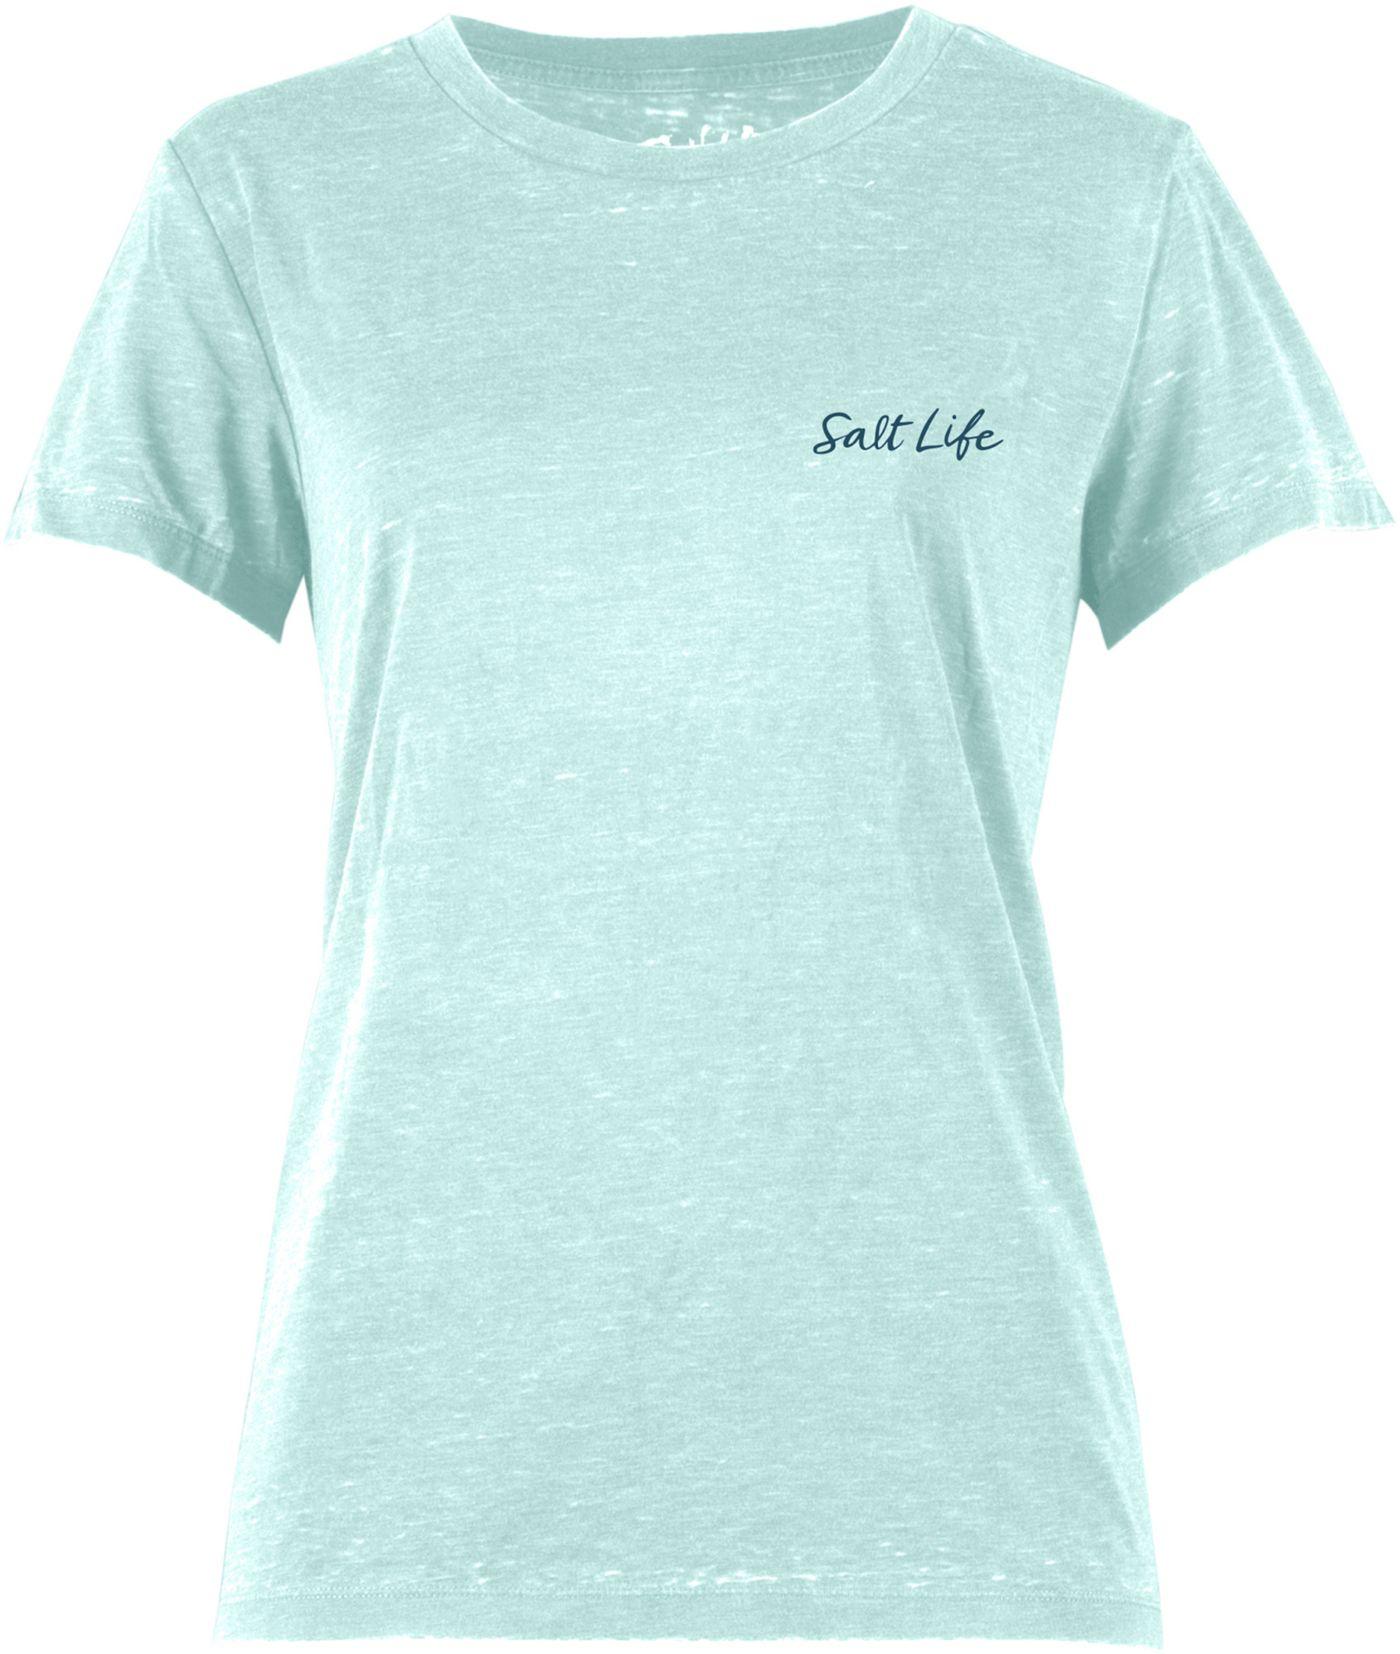 Salt Life Women's Salt Tribe T-Shirt